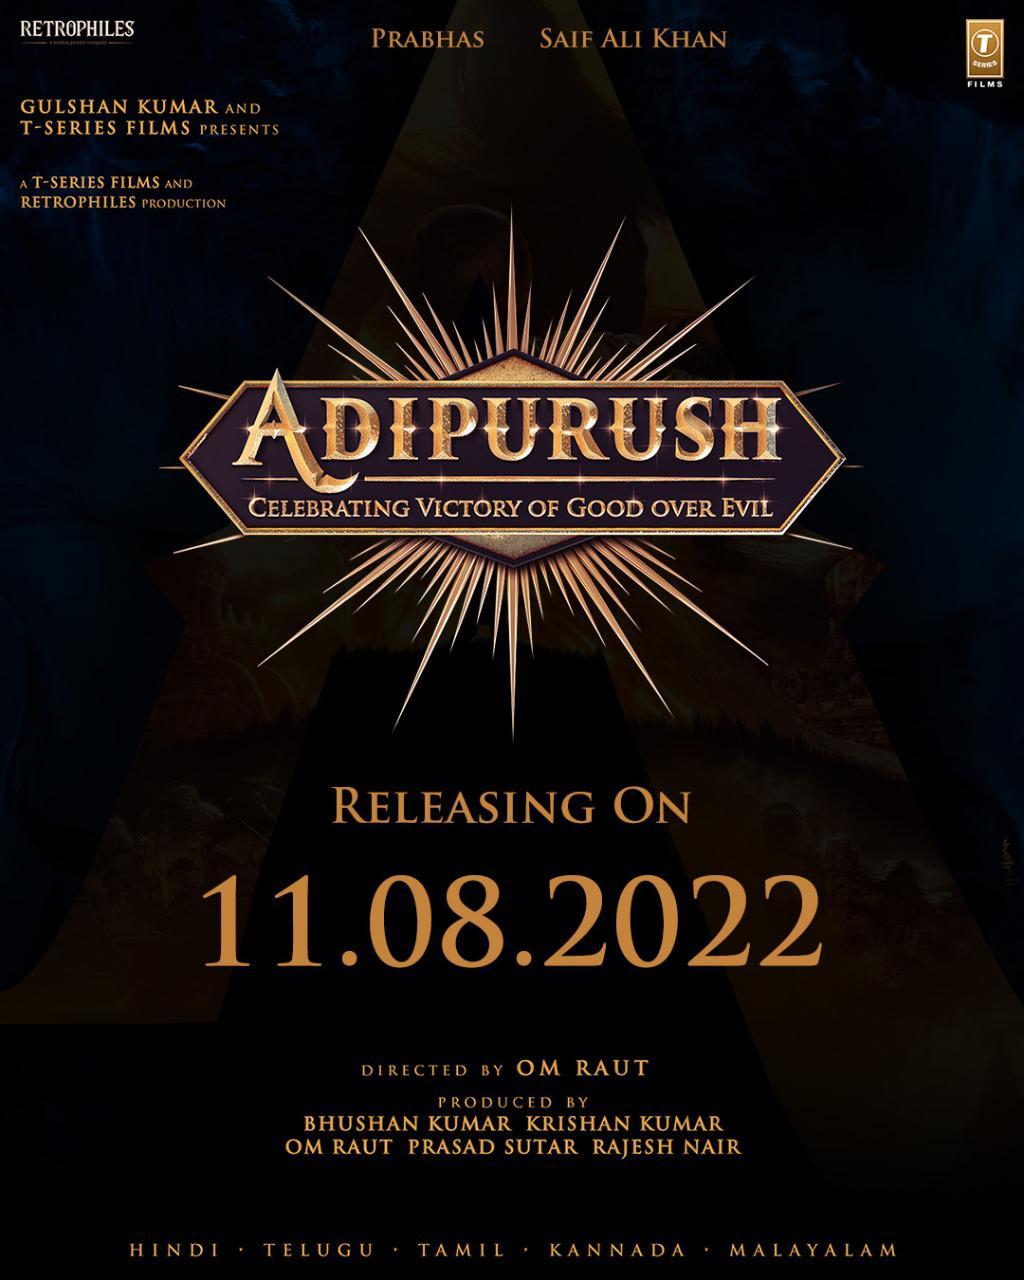 Prabhas' Adipurush release date